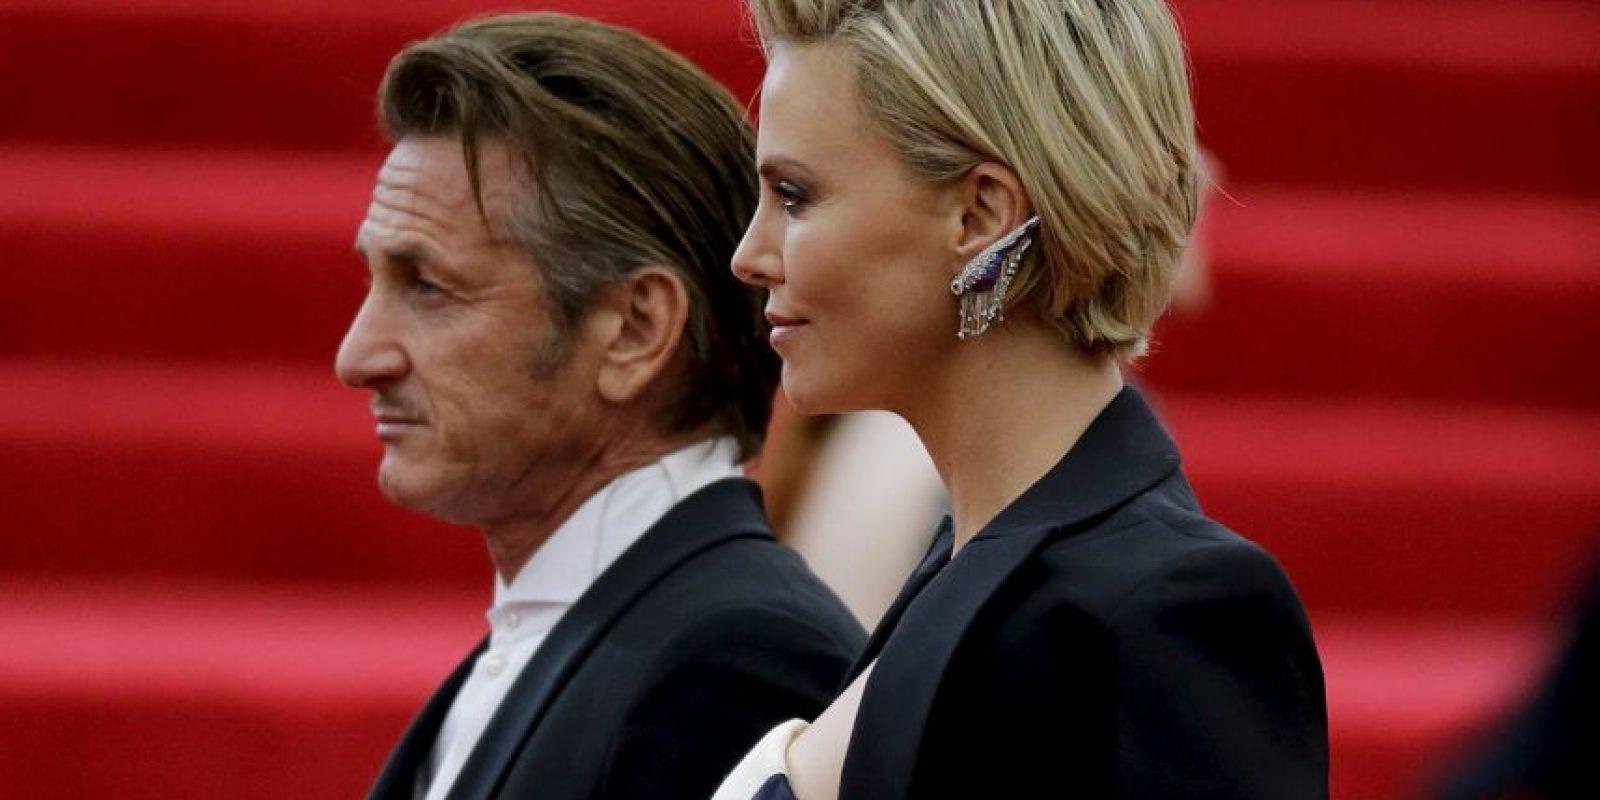 Ha sido nominado a múltiples premios y ganador de dos premios Óscar, un Globo de Oro y un premio del Sindicato de Actores Foto:Getty Images